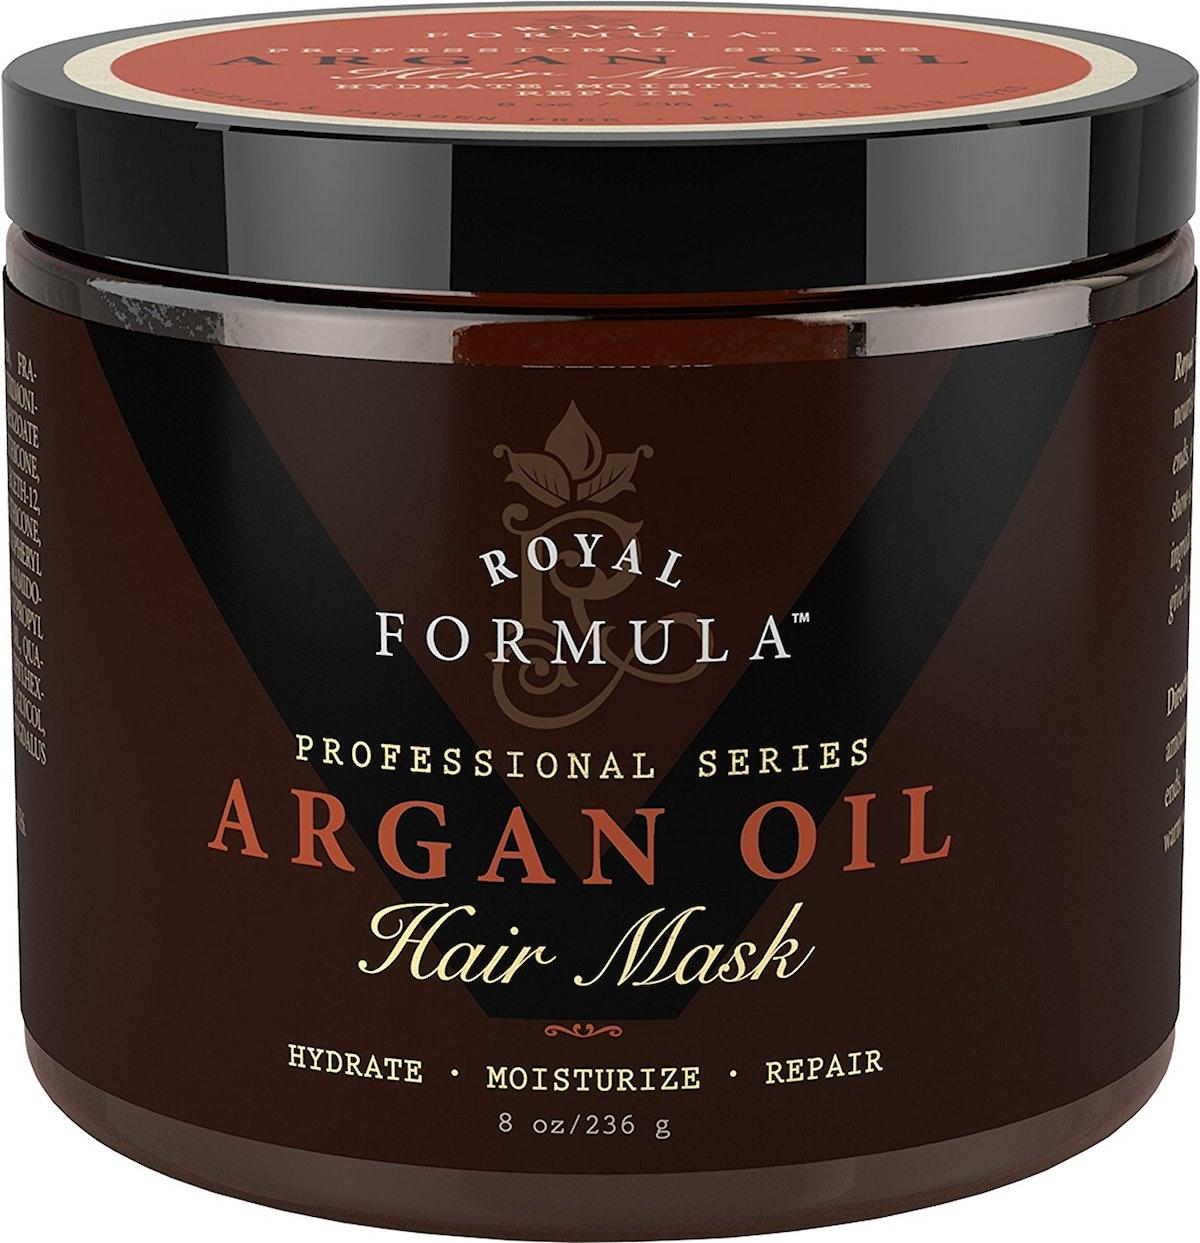 Royal Formula Argan Oil Hair Mask